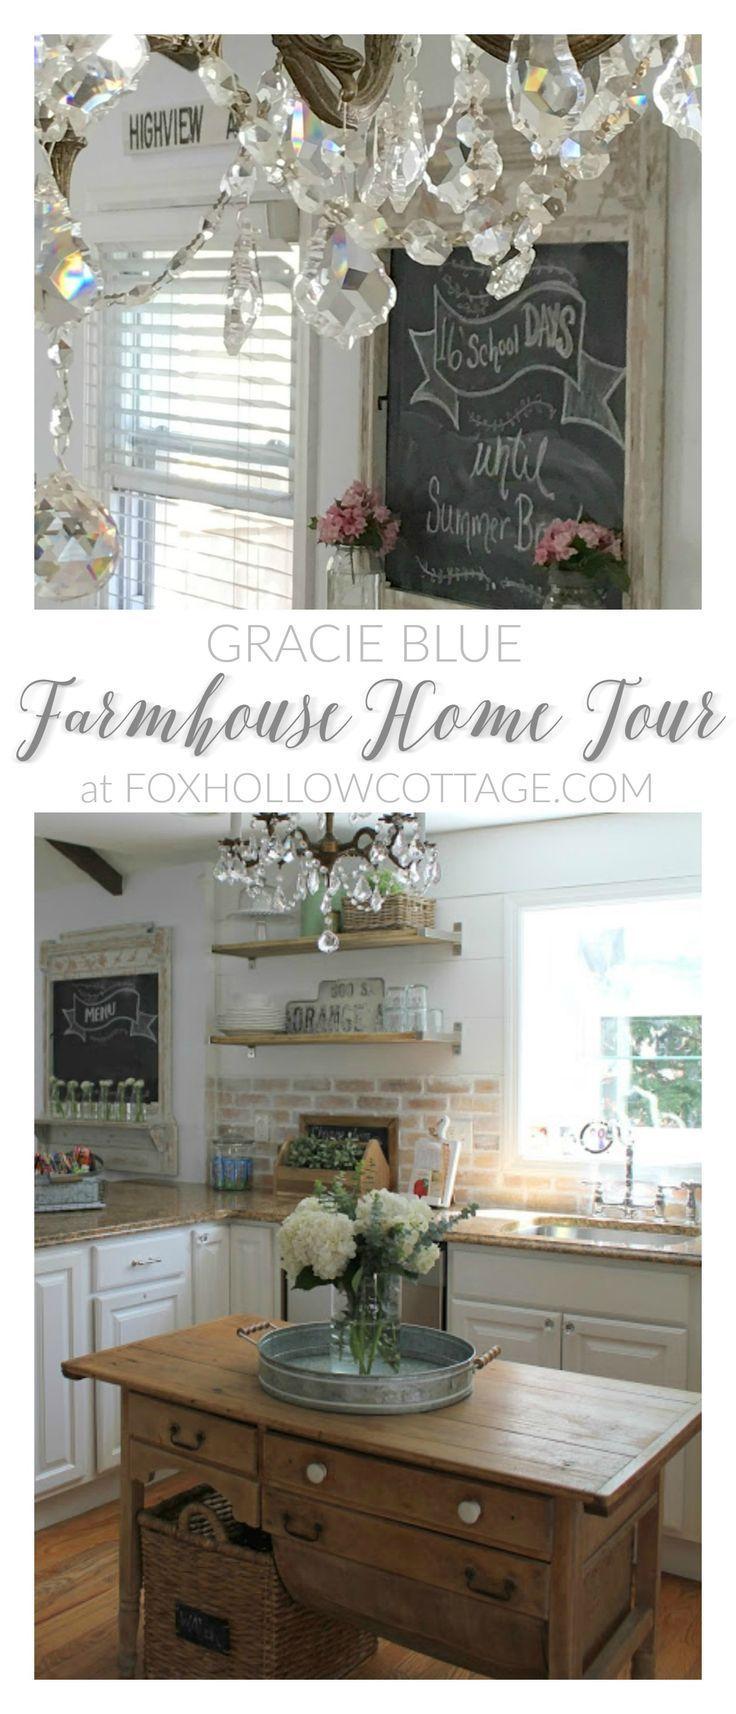 Gracie Blue Farmhouse Home Tour | Farm house, Kitchens and Farmhouse ...